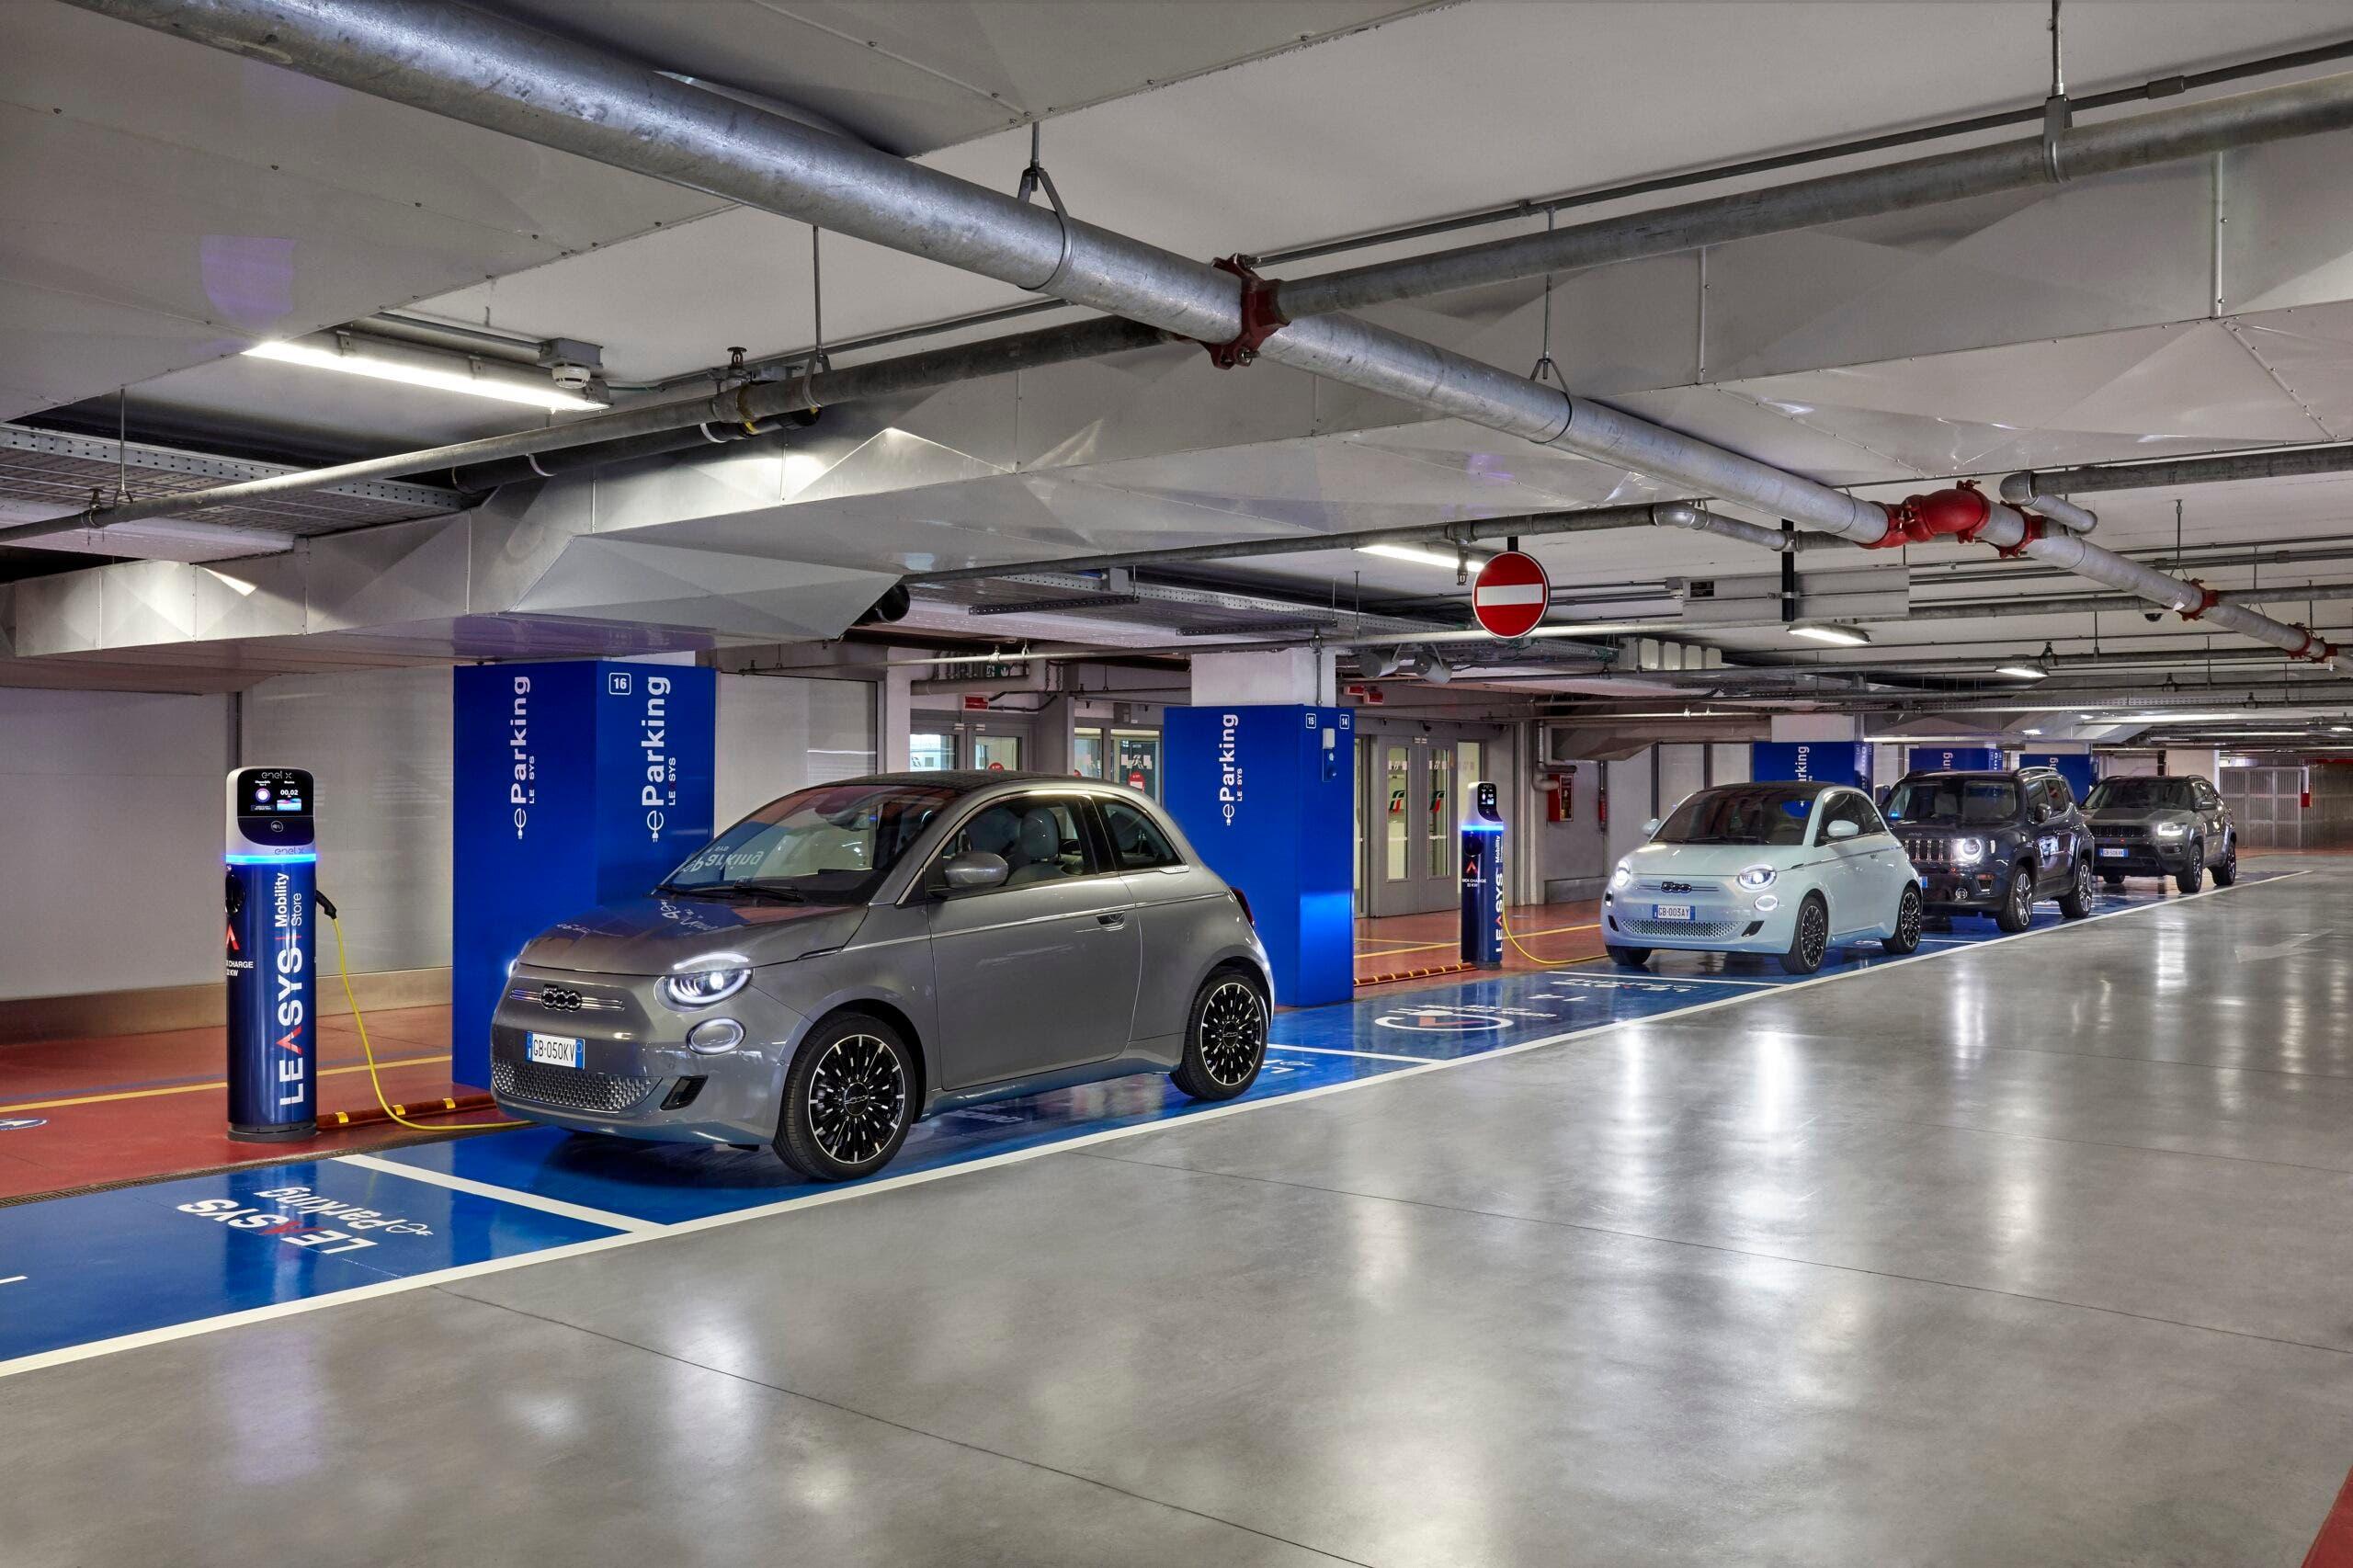 Leasys Metropark mobilita sostenibile